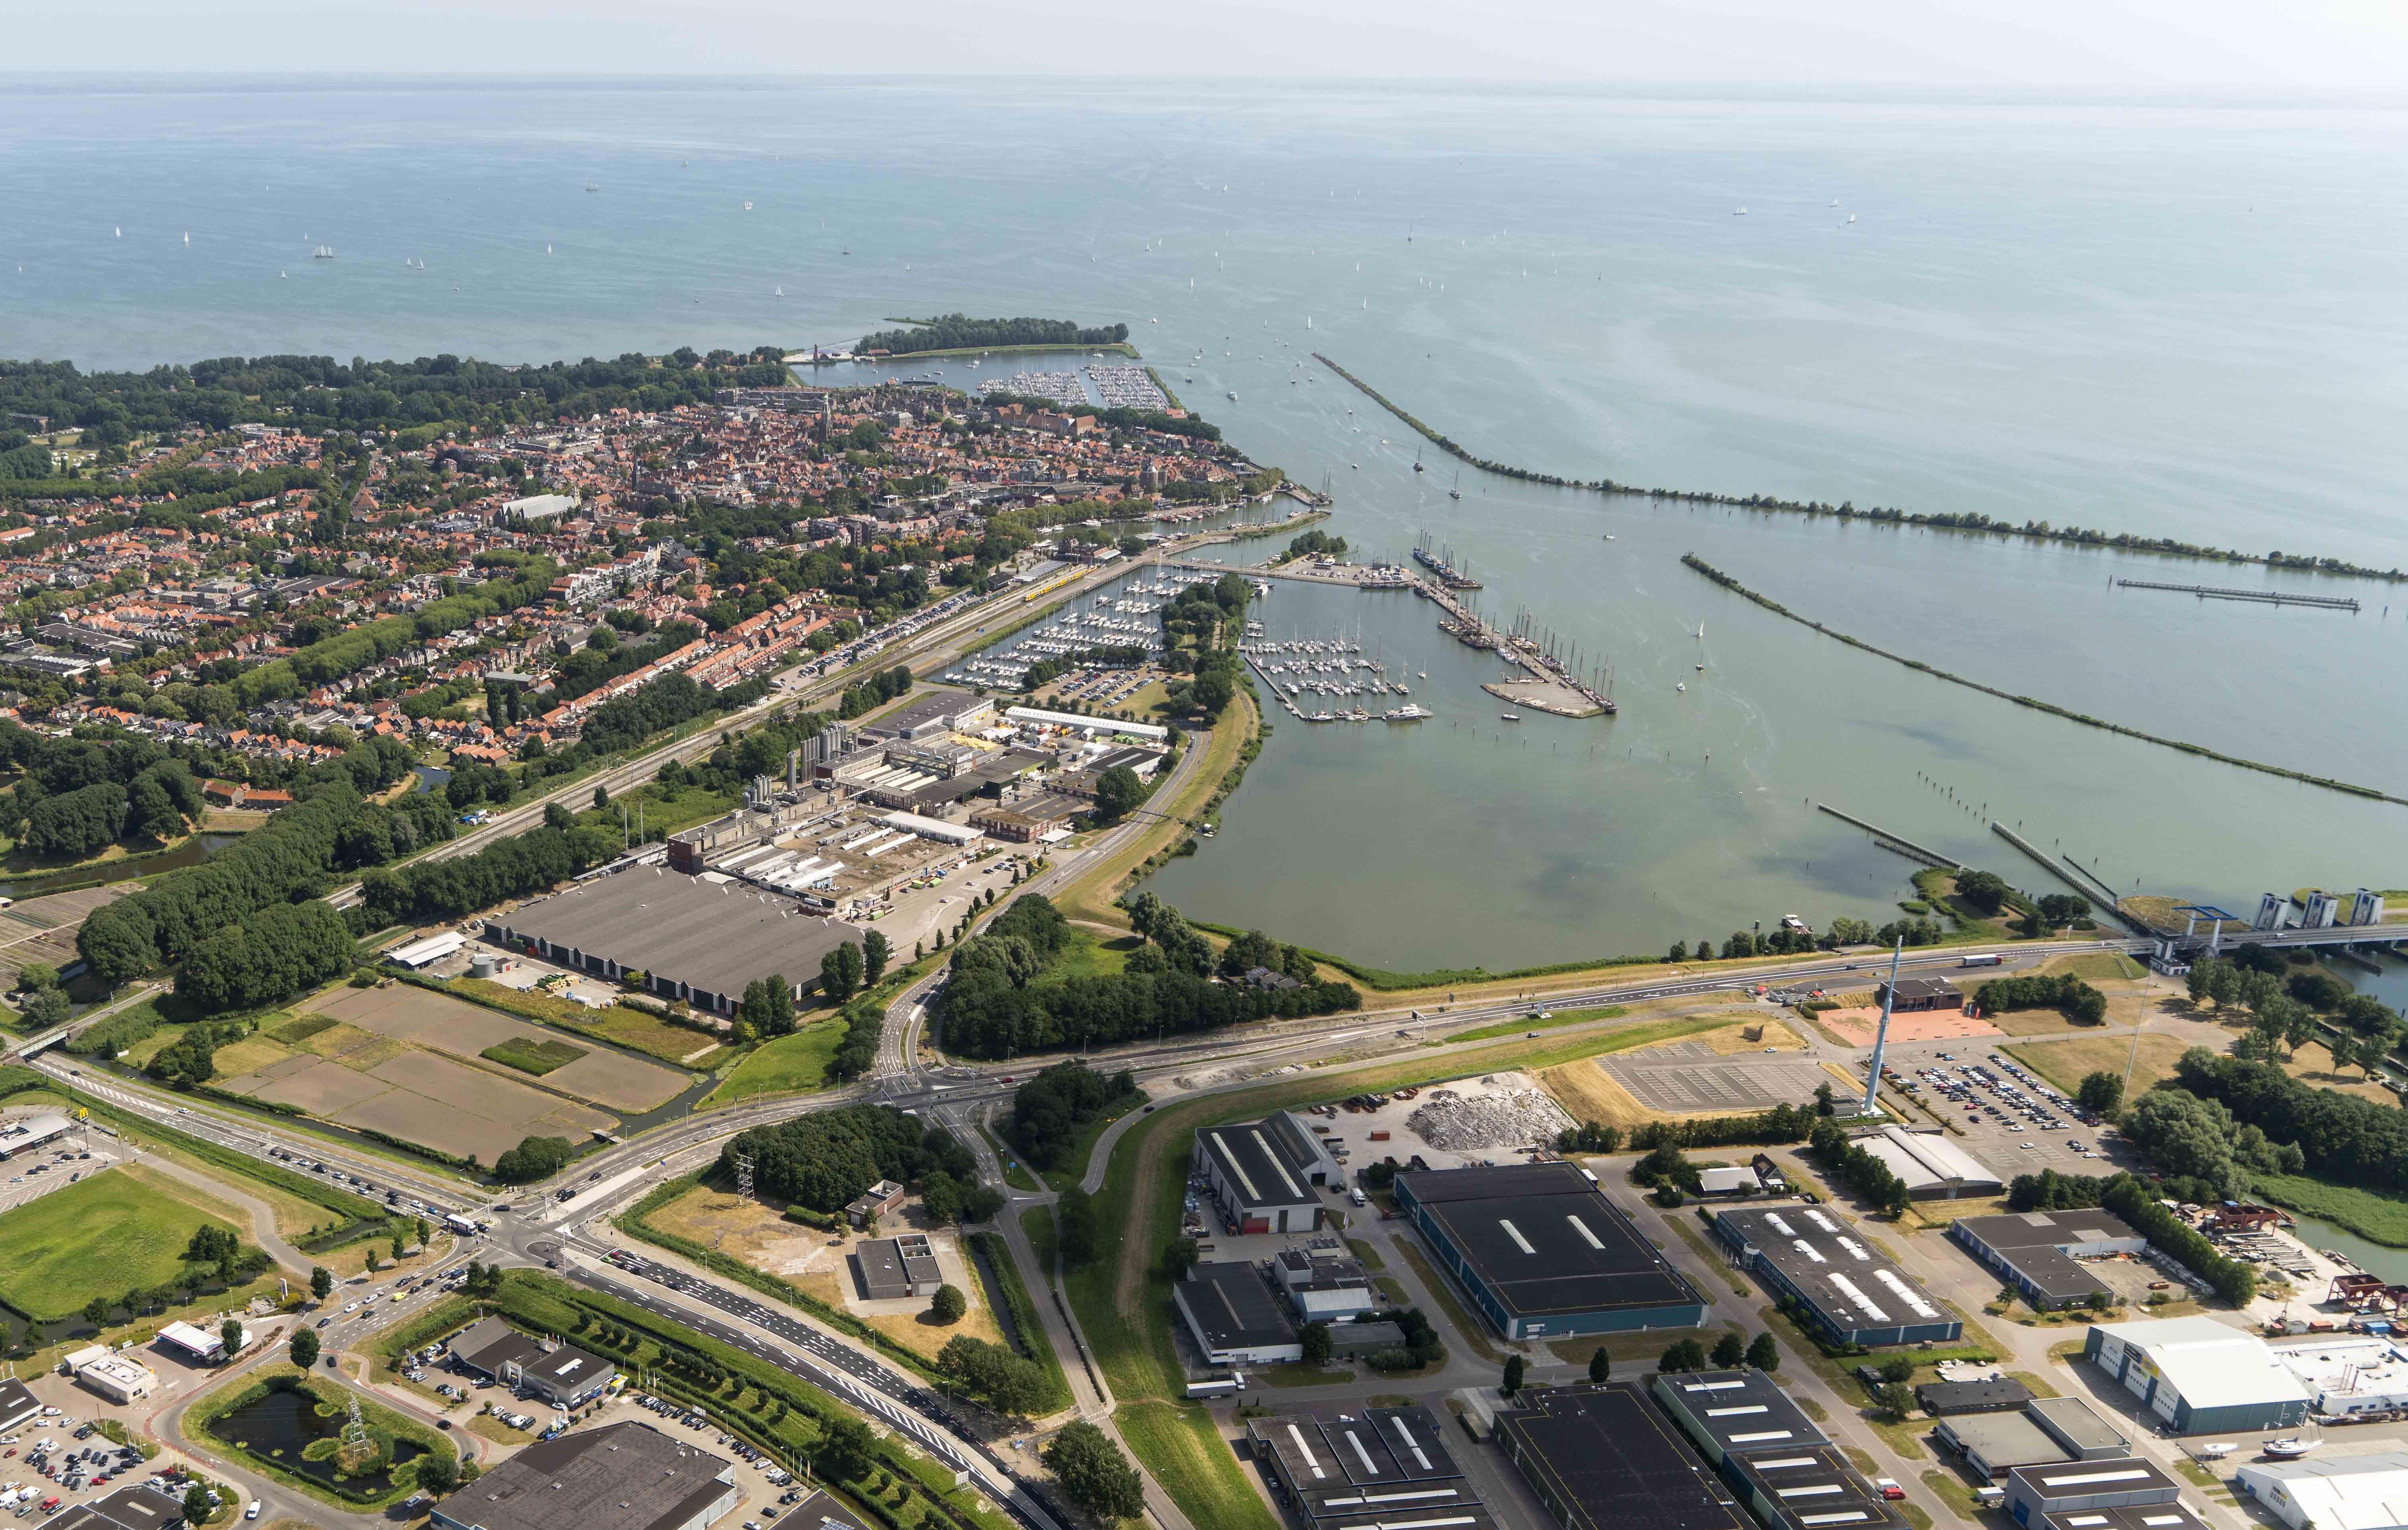 De Houtribdijk tussen Enkhuizen en Lelystad is van 31 augustus tot en met 3 september afgesloten voor al het verkeer. (Foto: aangeleverd)